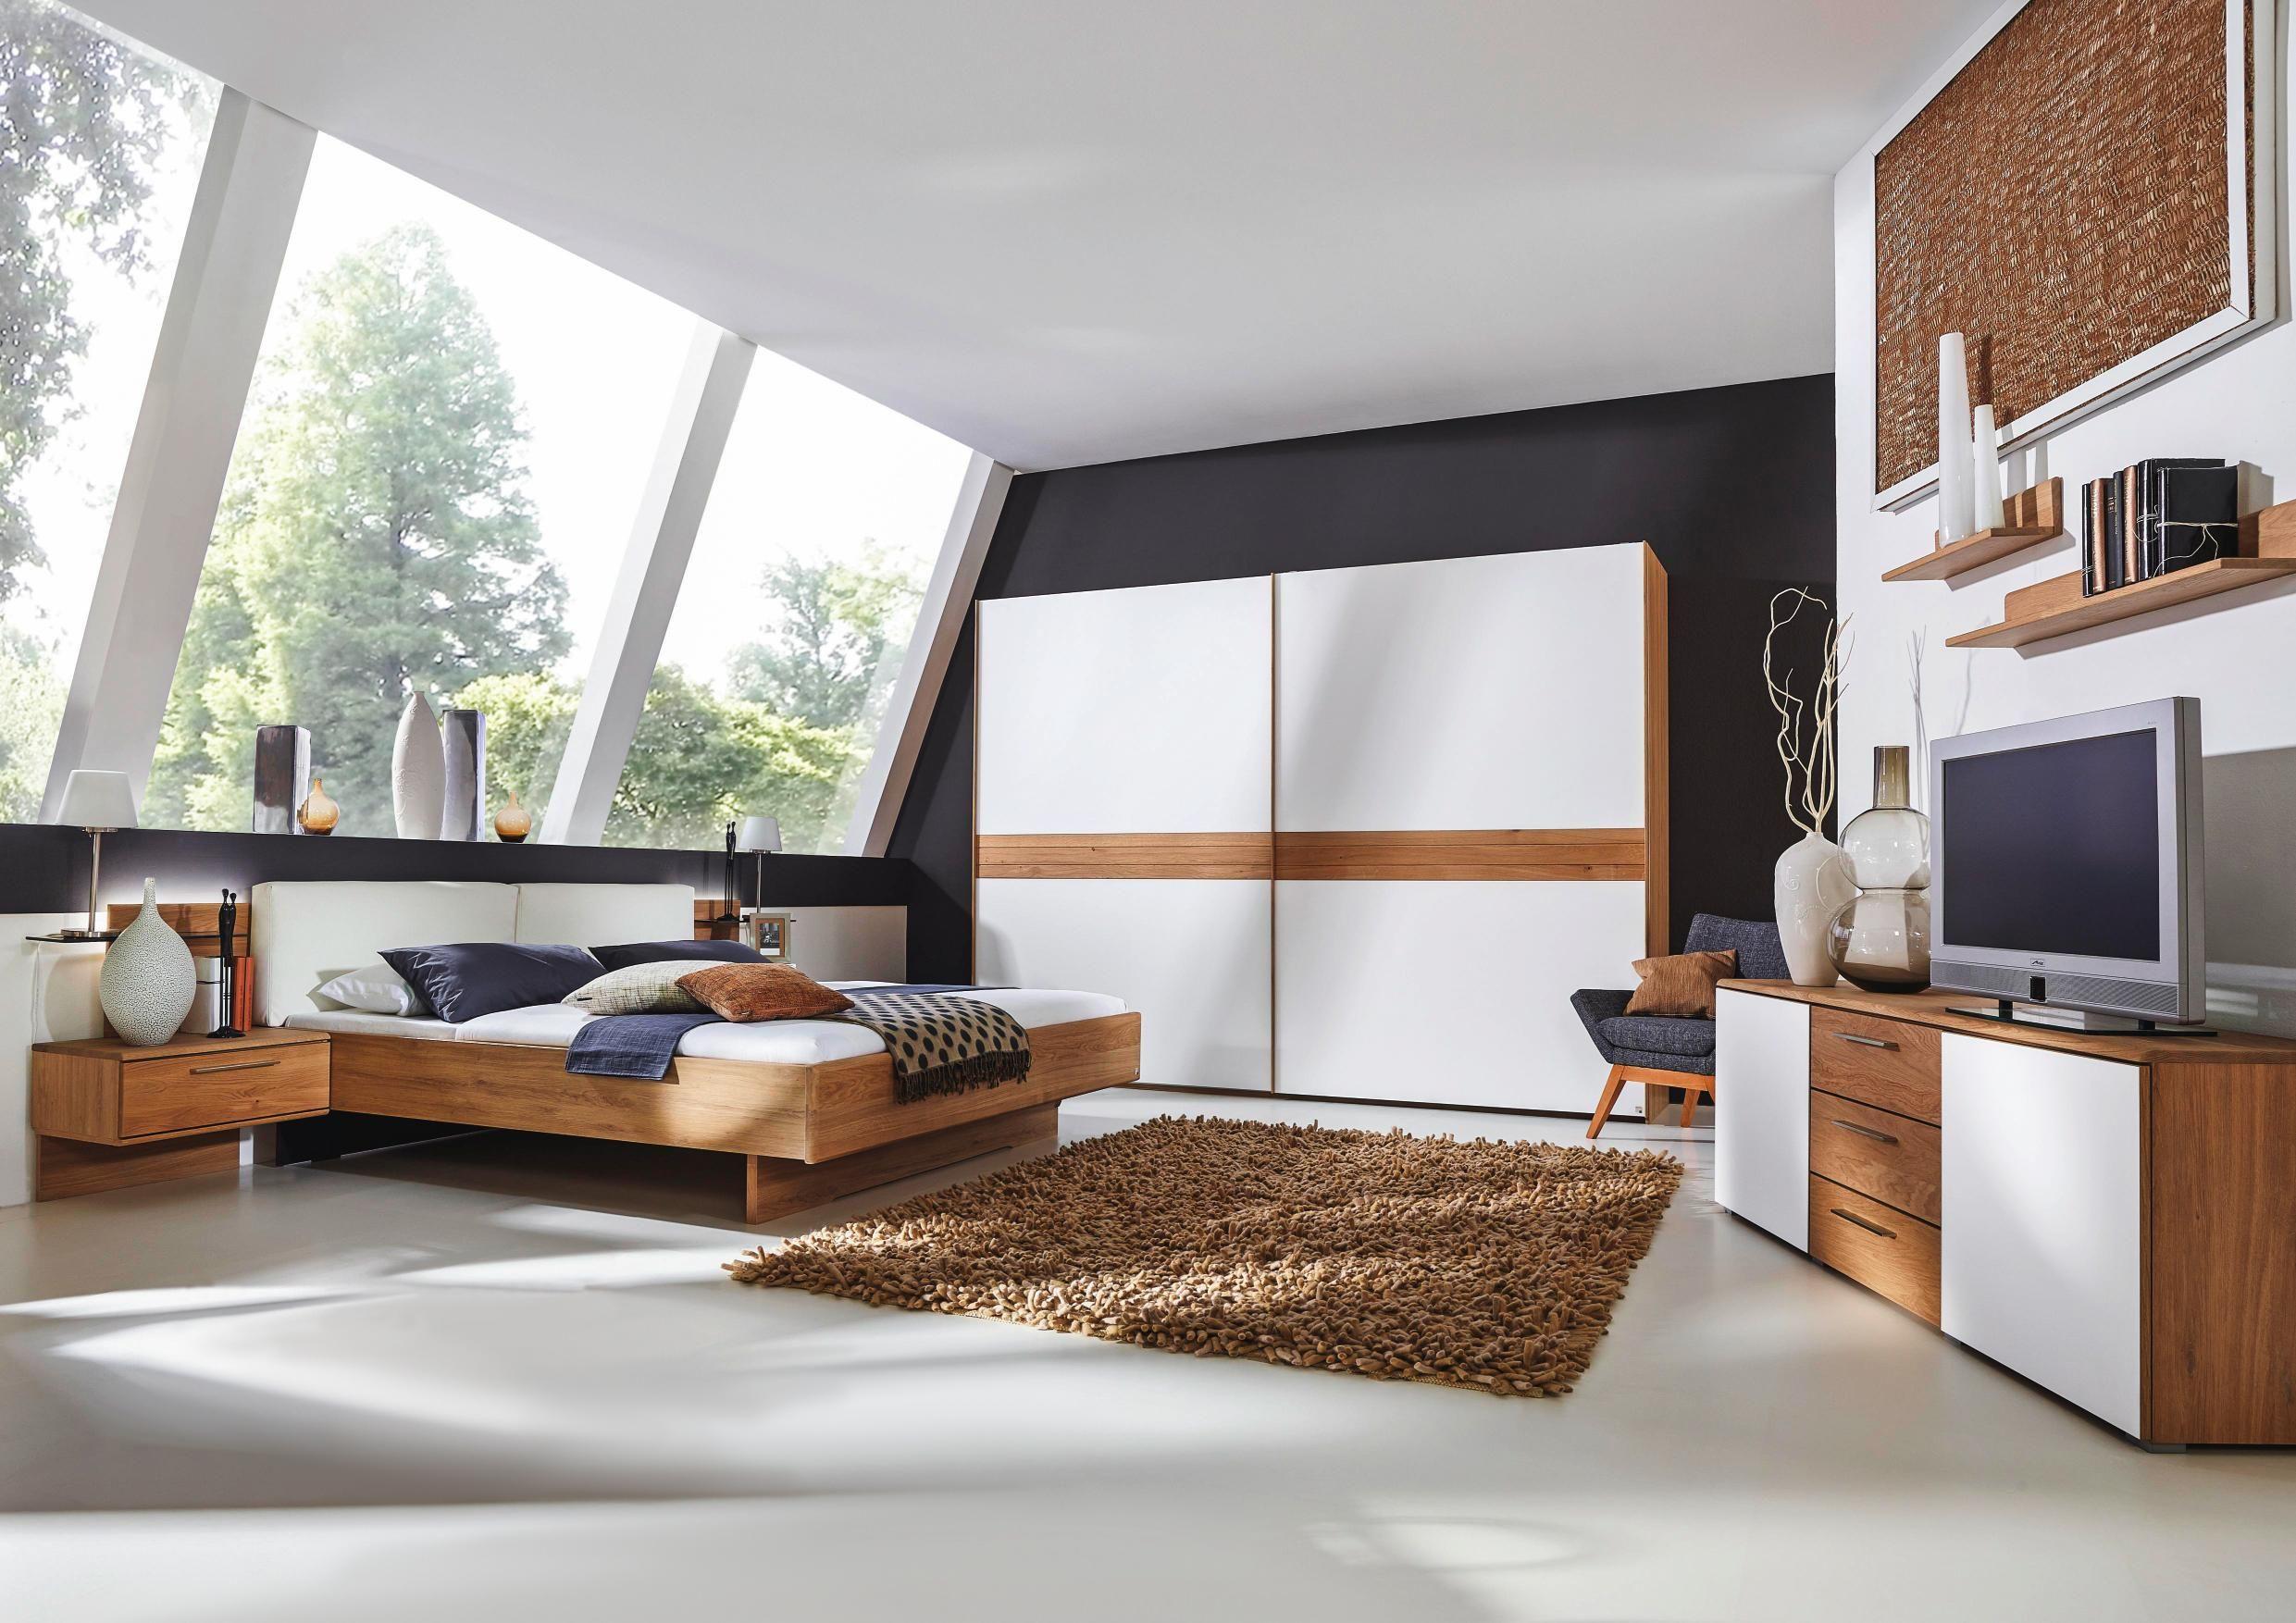 Xxxlutz Schlafzimmer ~ Ihr neues schlafzimmer von dieter knoll hier werden wünsche wahr